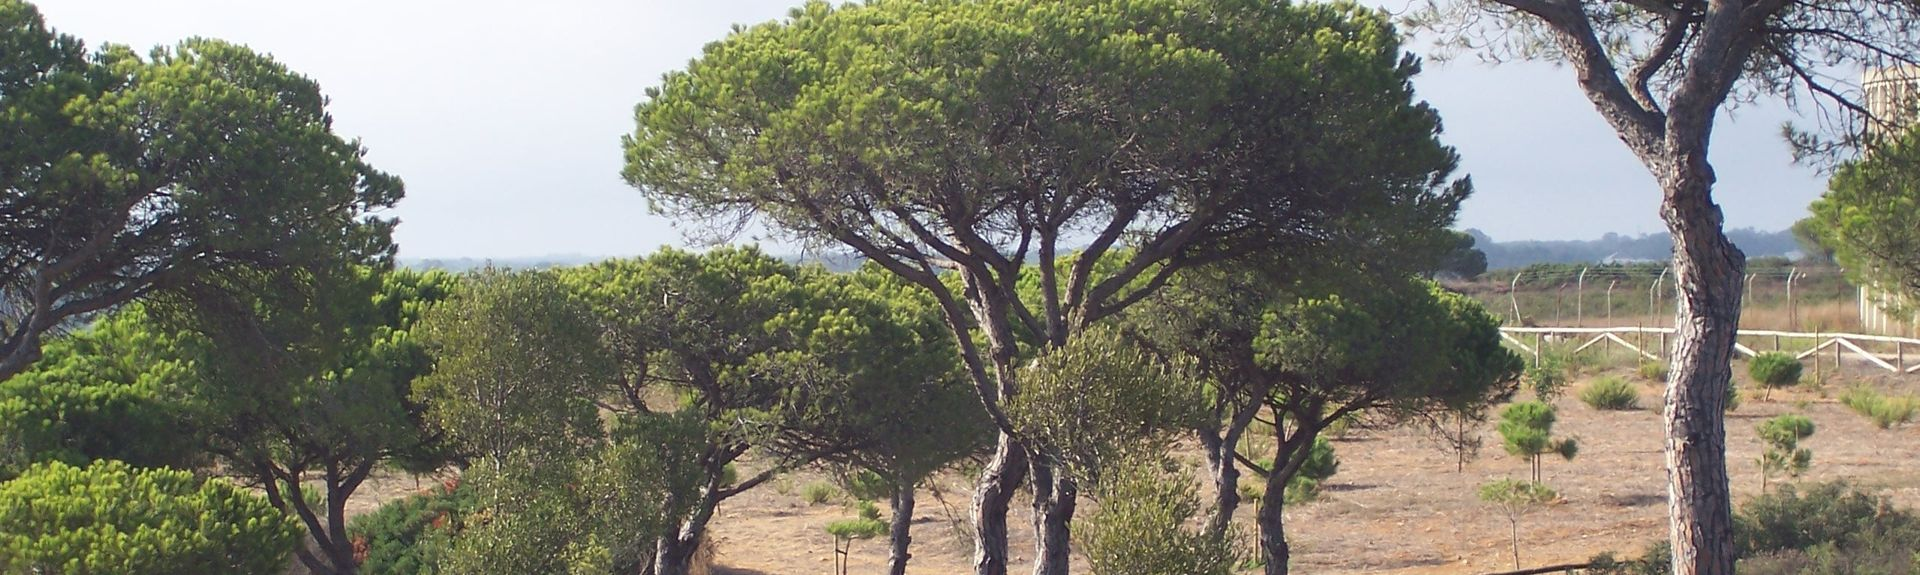 Playa de Conil, Conil de la Frontera, Andalucía, España